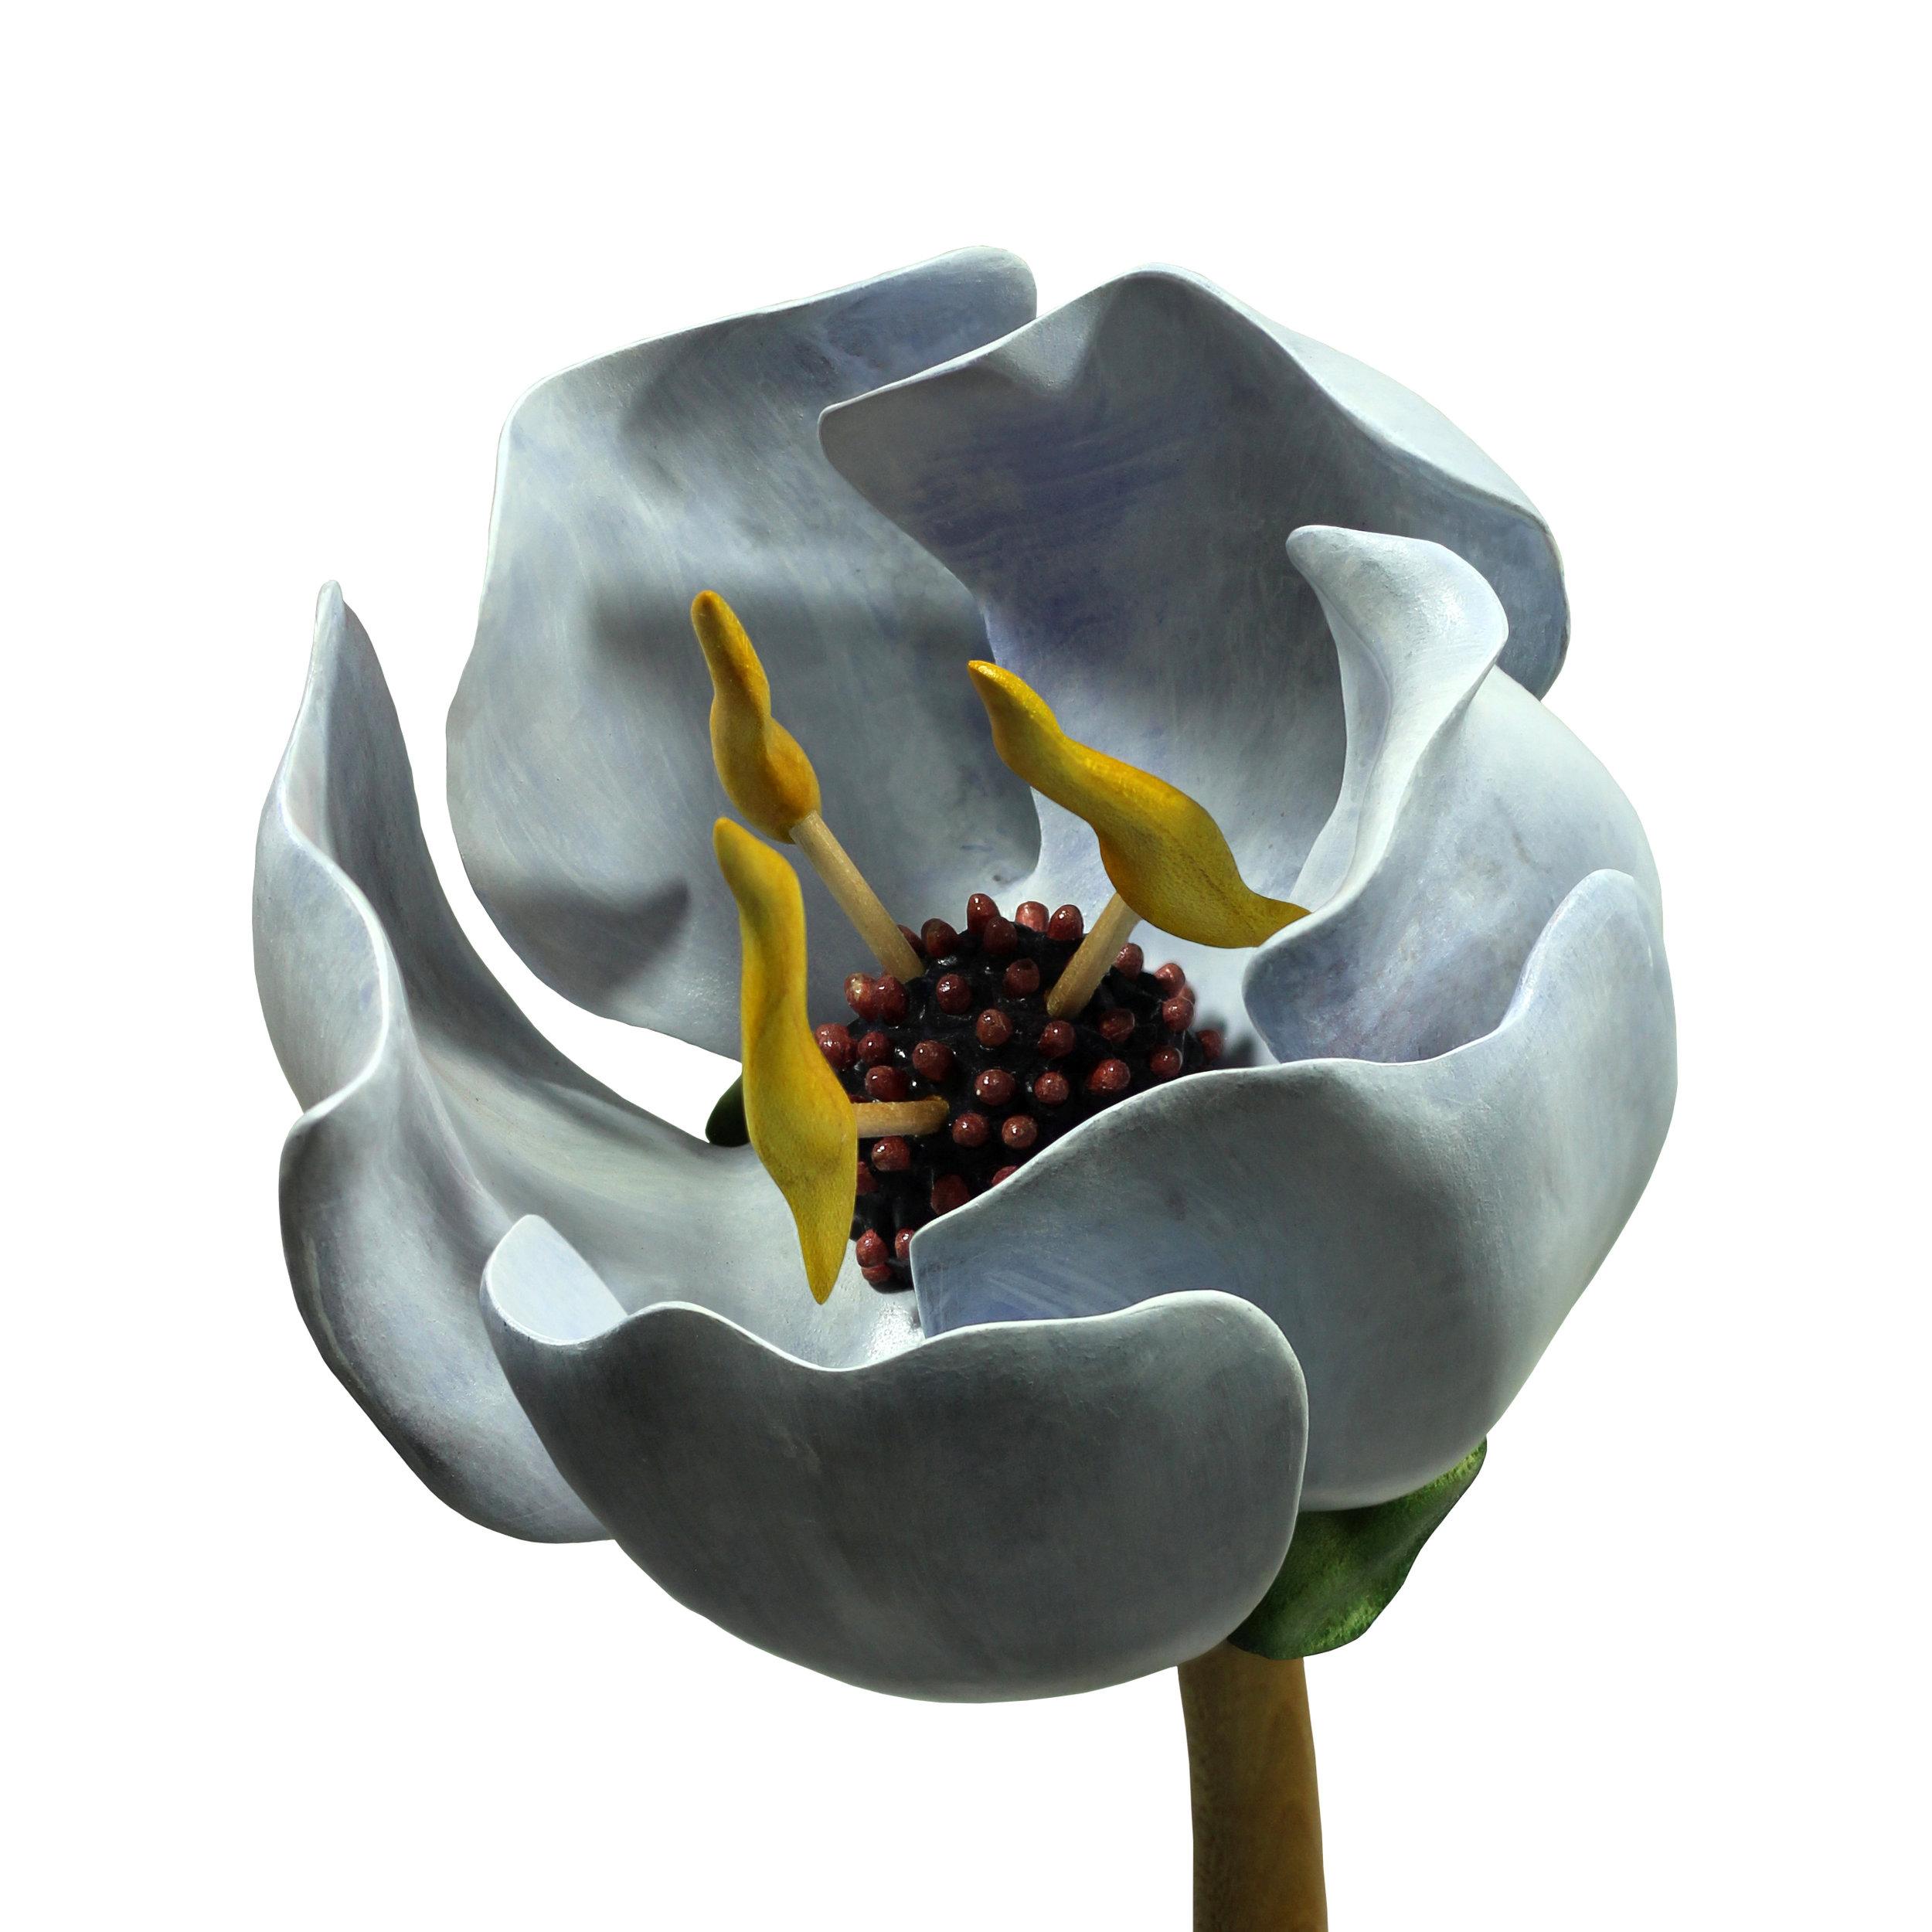 Bloom #21 by Sam Hingston